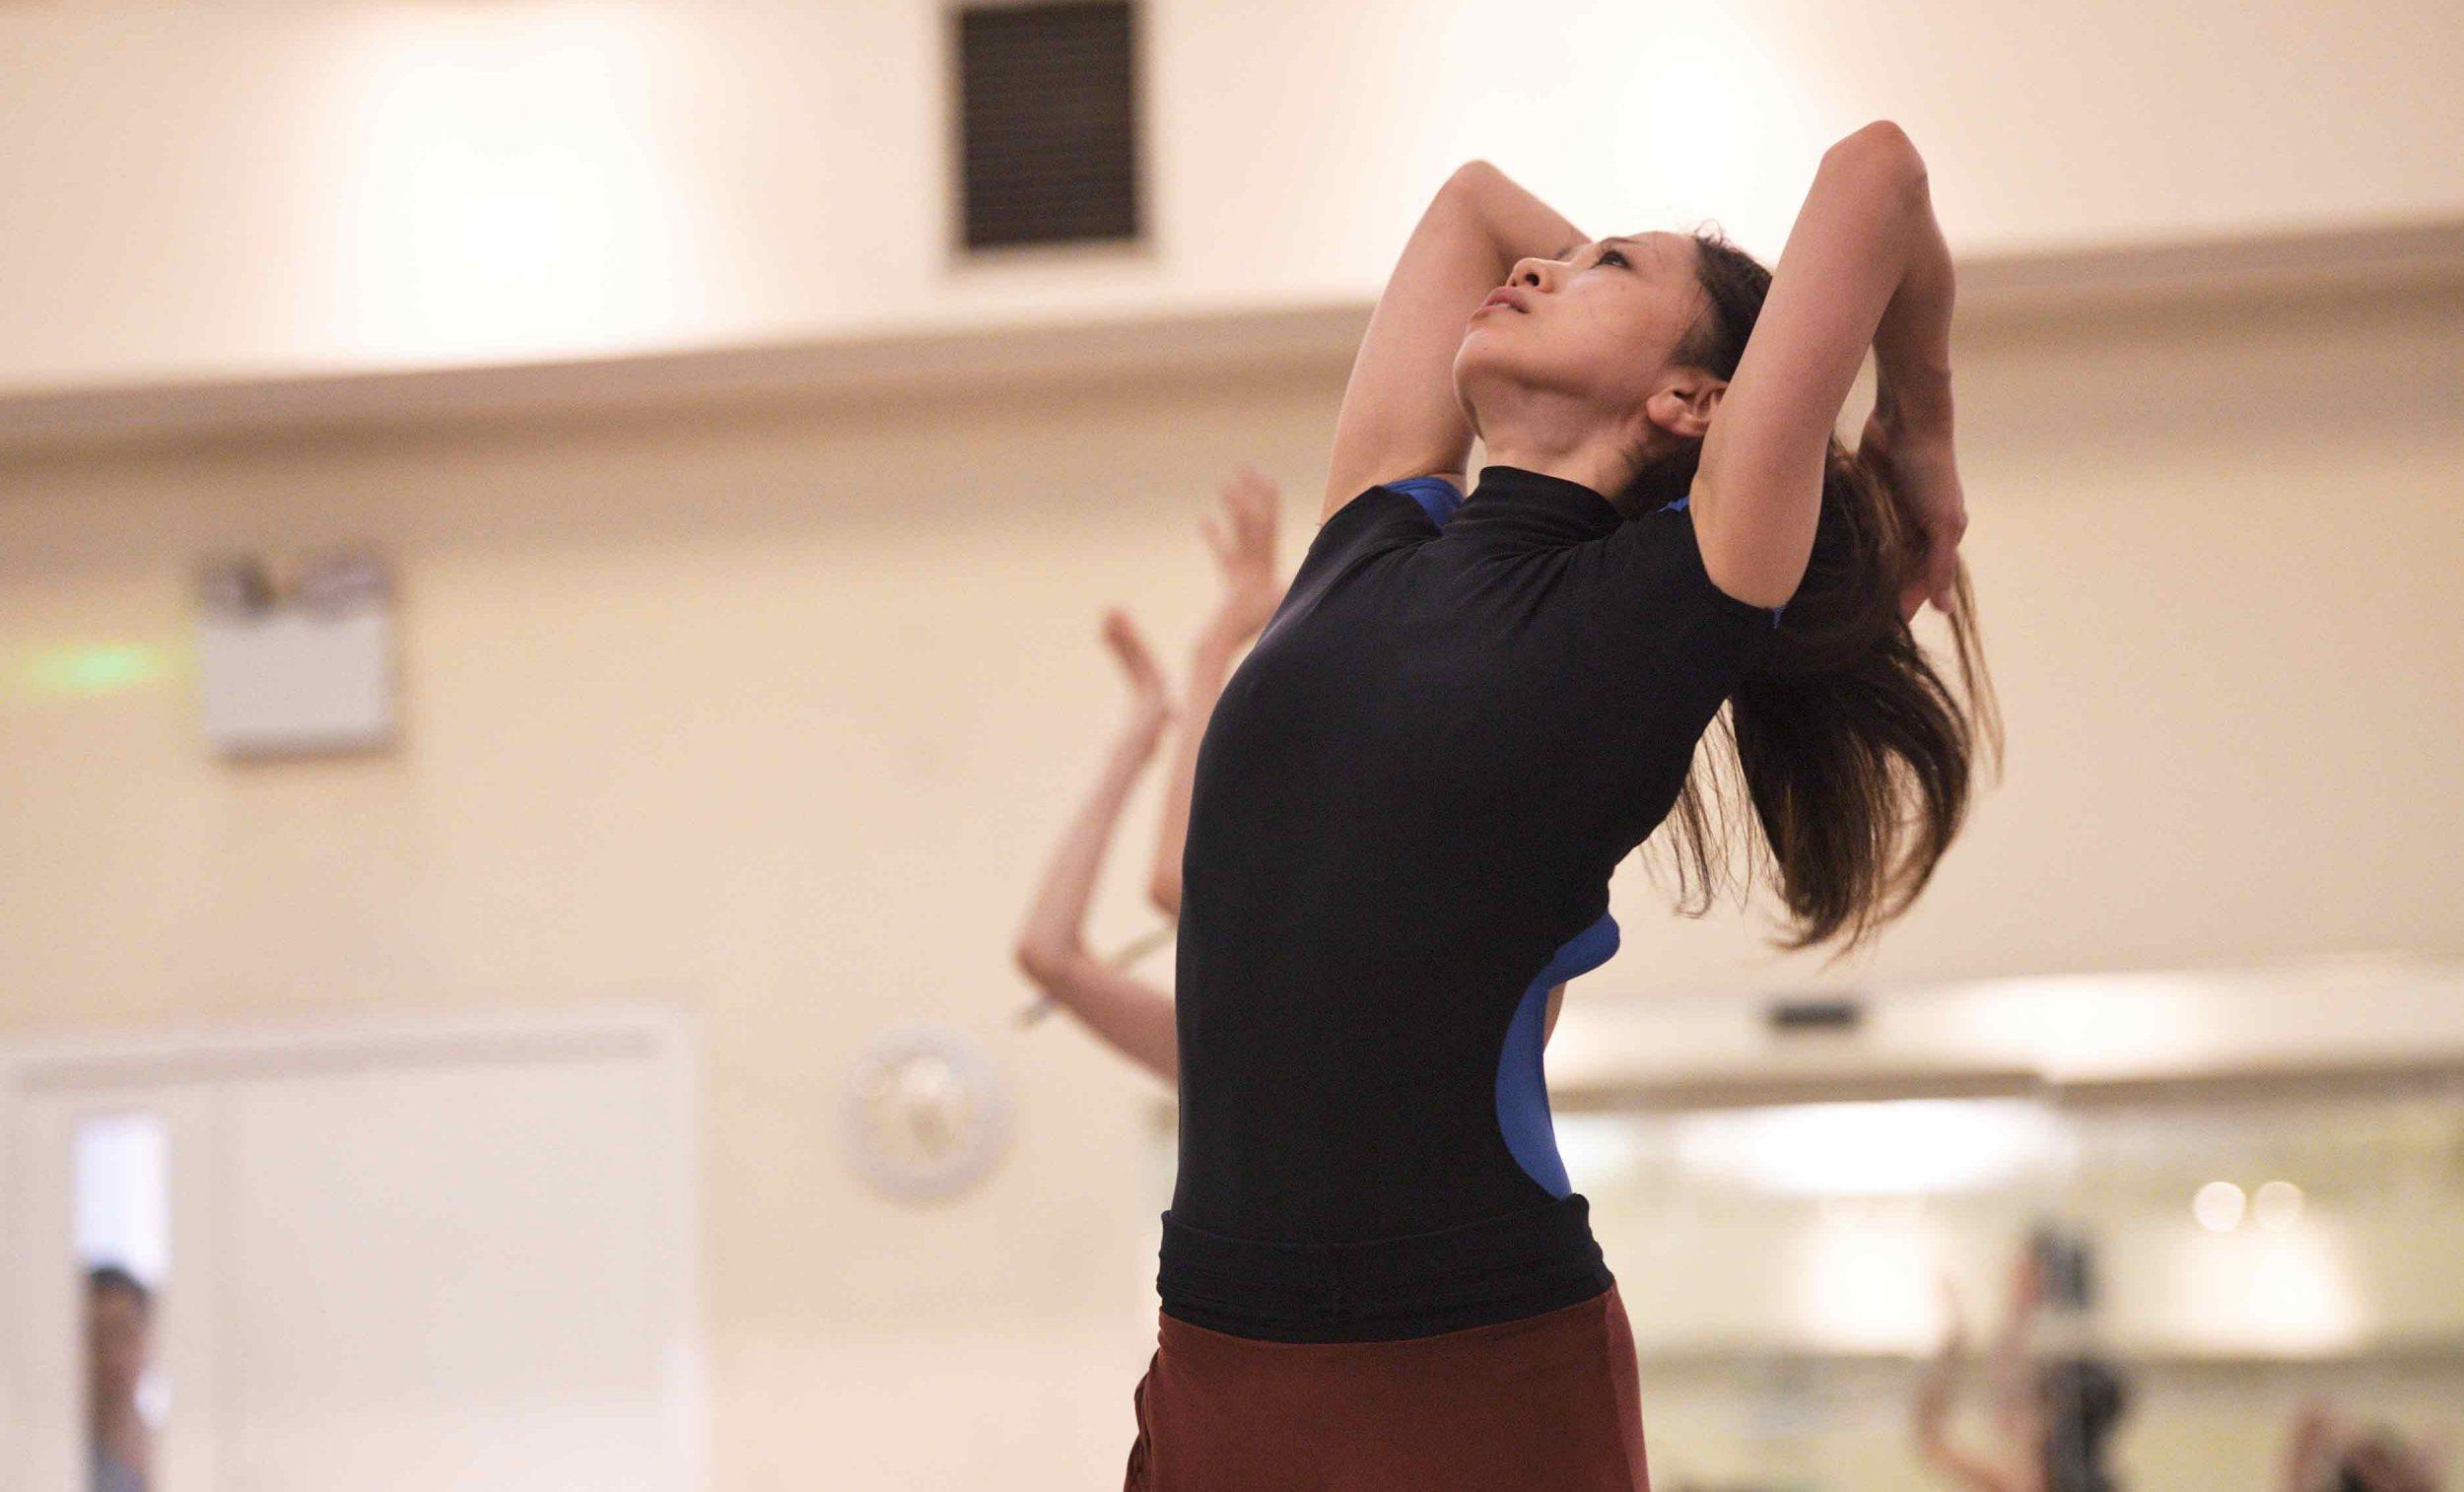 Erina-Takahashi-rehearsing-Akram-Khan's-Giselle-©-Laurent-Liotardo-(1)